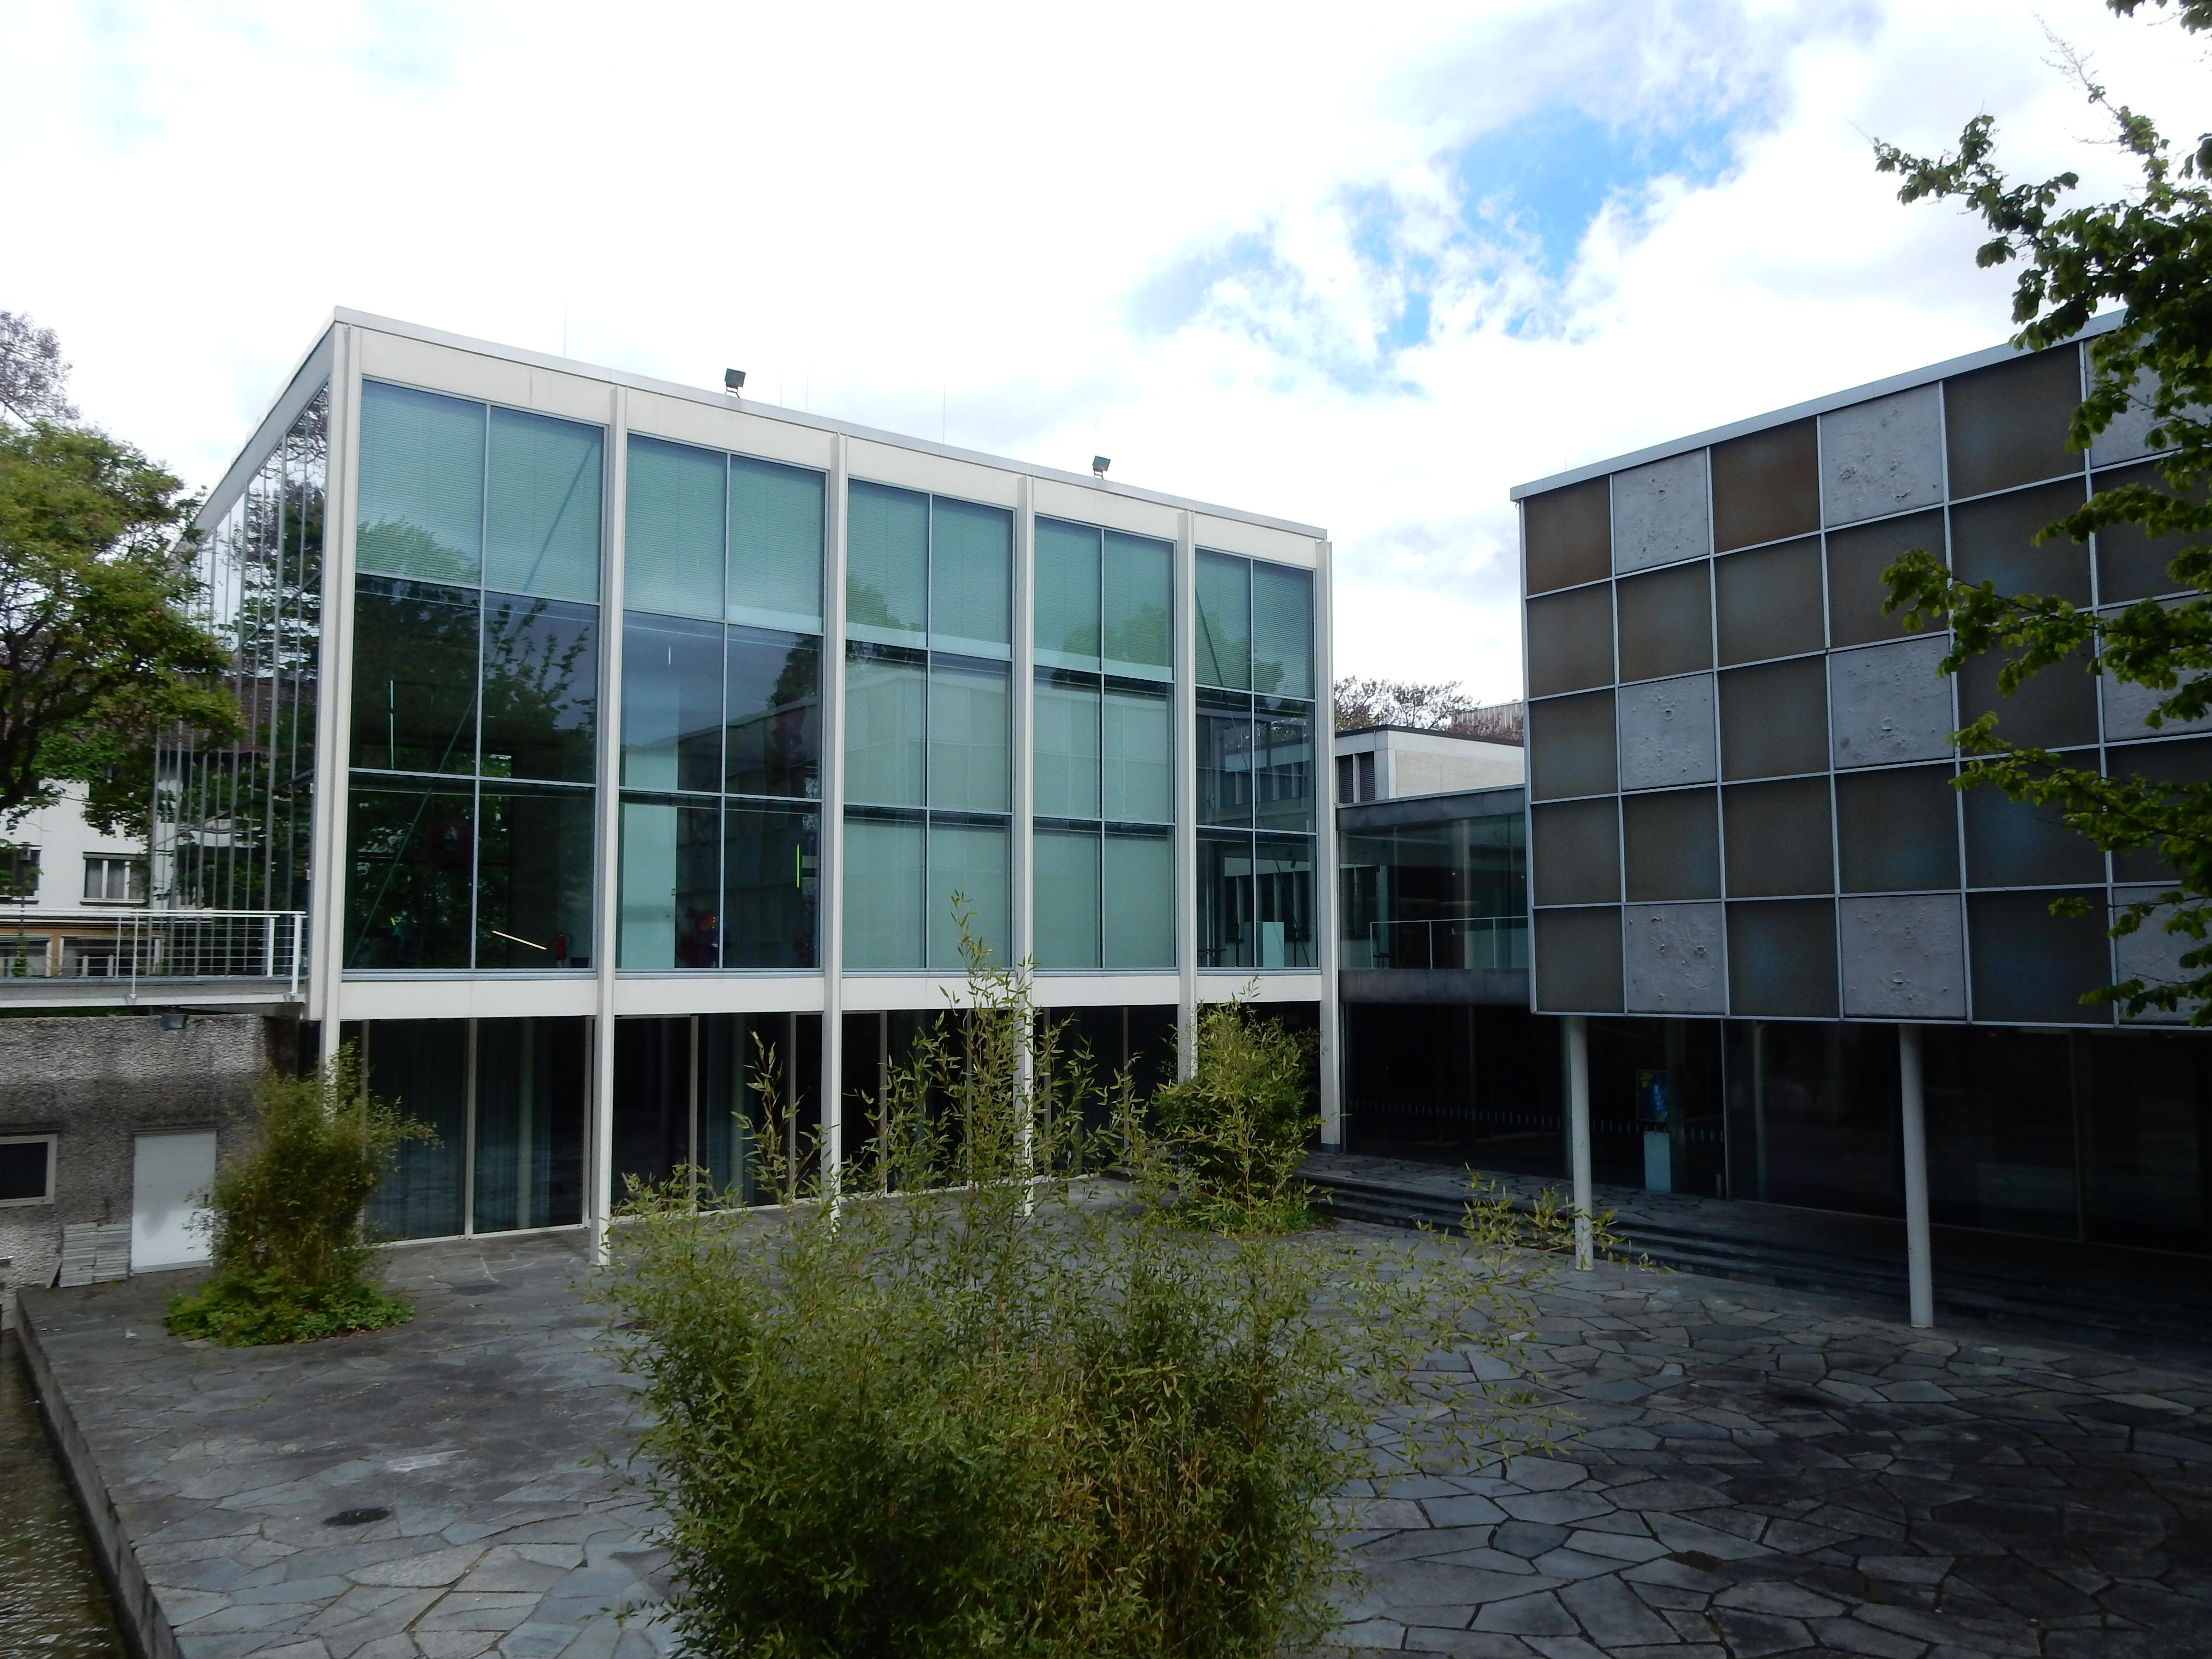 Schmuckmuseum Pforzheim, 11 mei 2019. Foto Coert Peter Krabbe, gevel, binnenplaats, exterieur